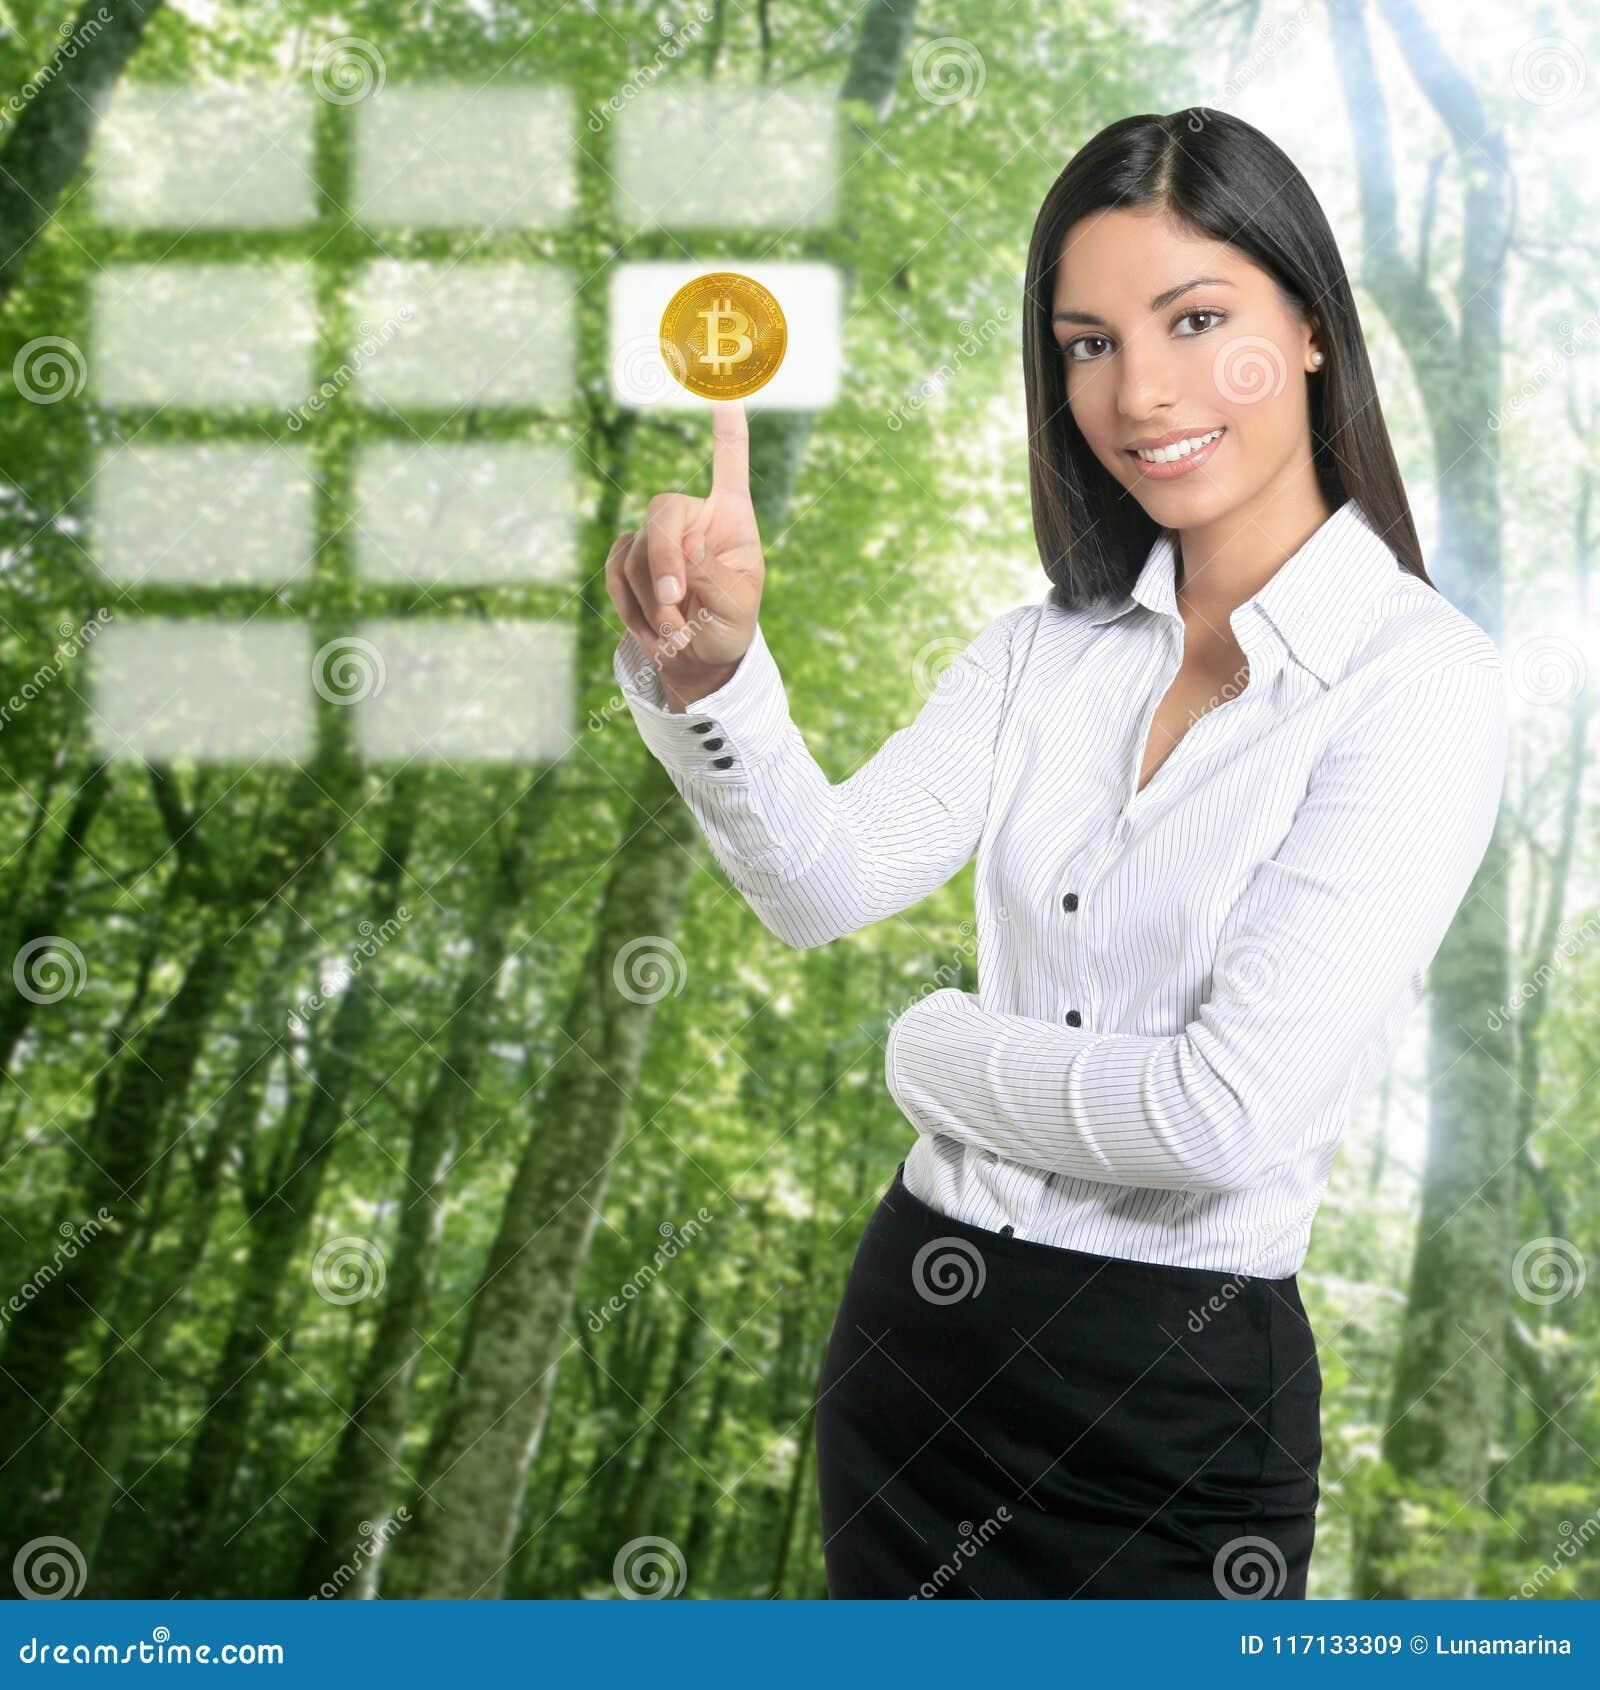 Bosque eléctrico del consumo y de la ecología de Bitcoin